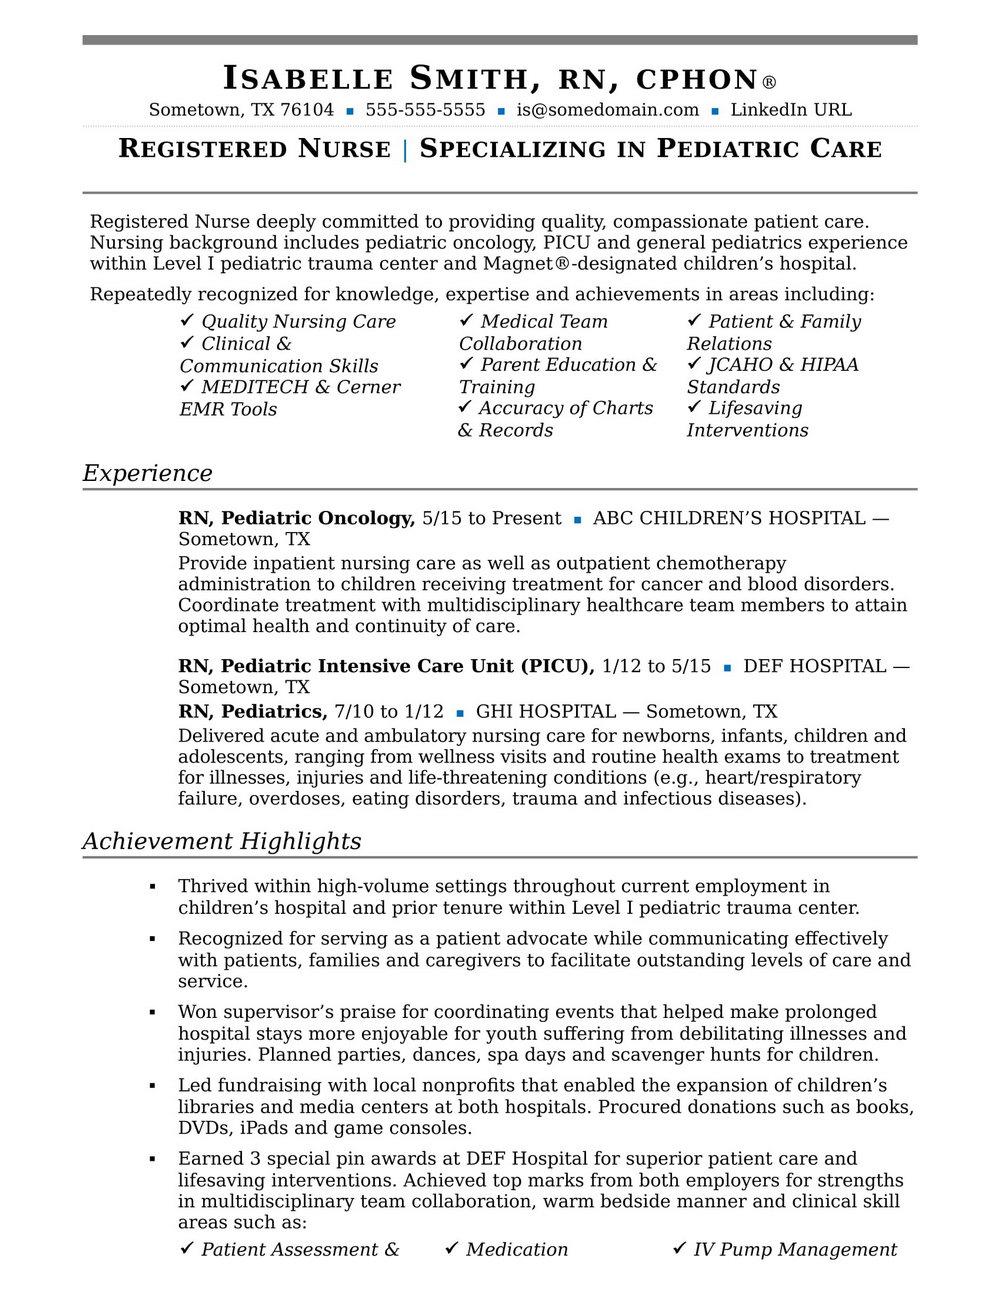 Er Registered Nurse Resume Examples